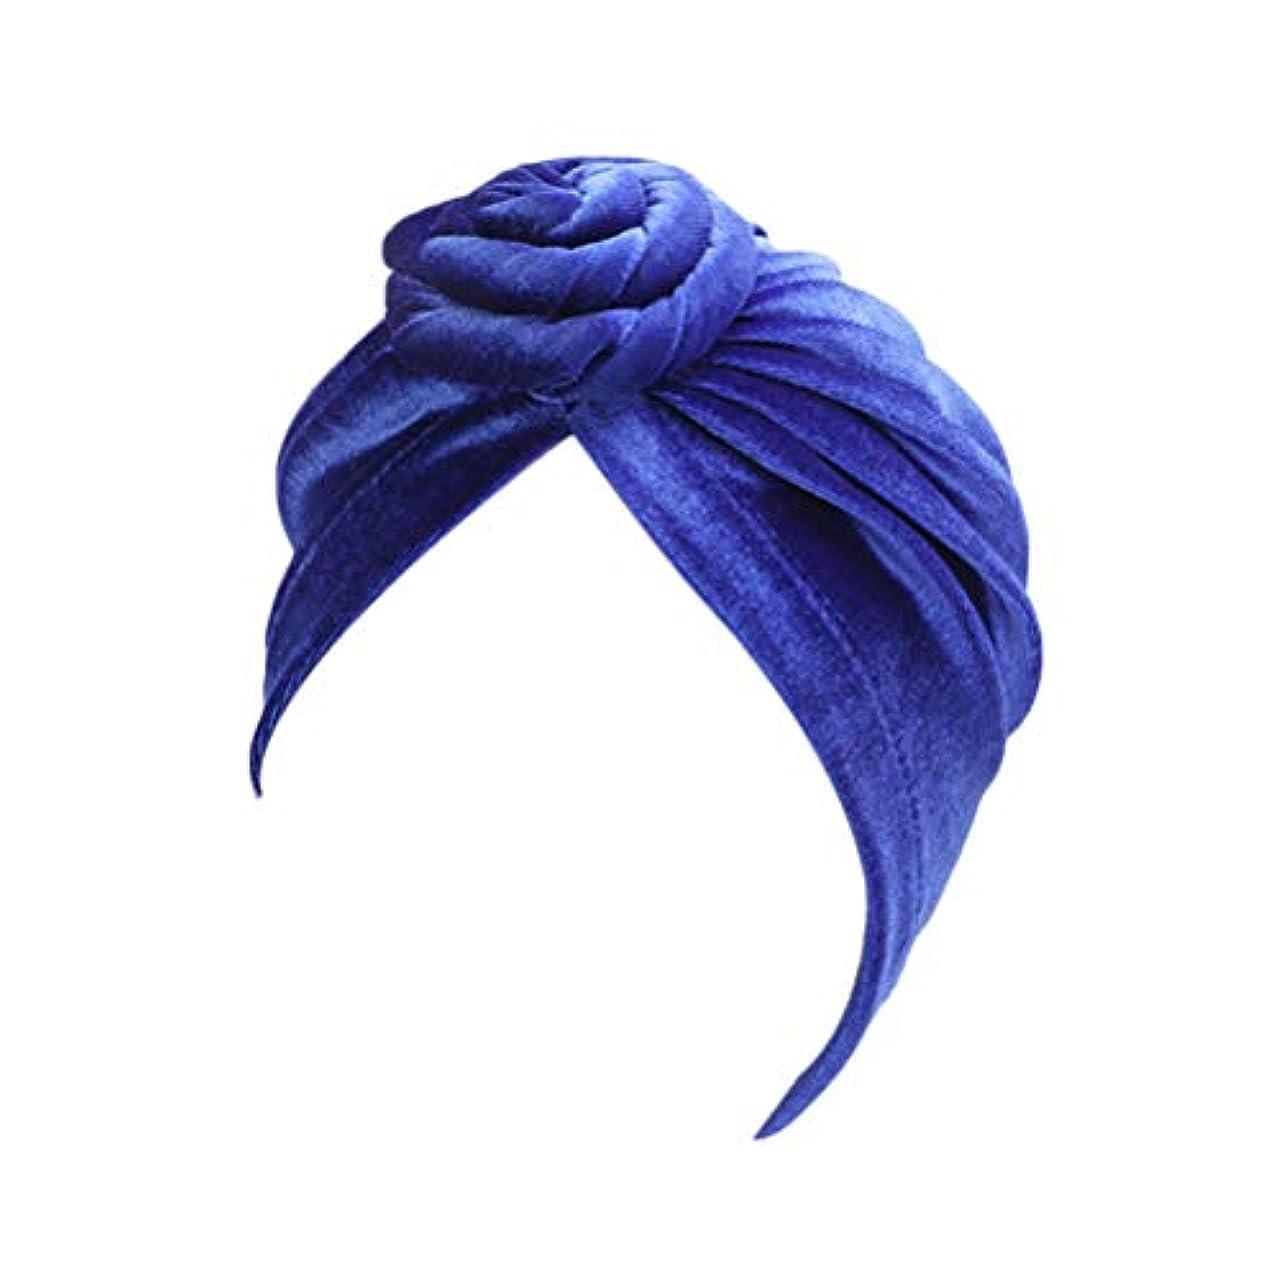 避けられない硫黄ズームインするHealifty 睡眠ナイトキャップ花装飾ワイドバンドボンネットナイトヘッドカバーソフトヘアターバン女性用ヘアビューティーケアキャップ(ブルー)